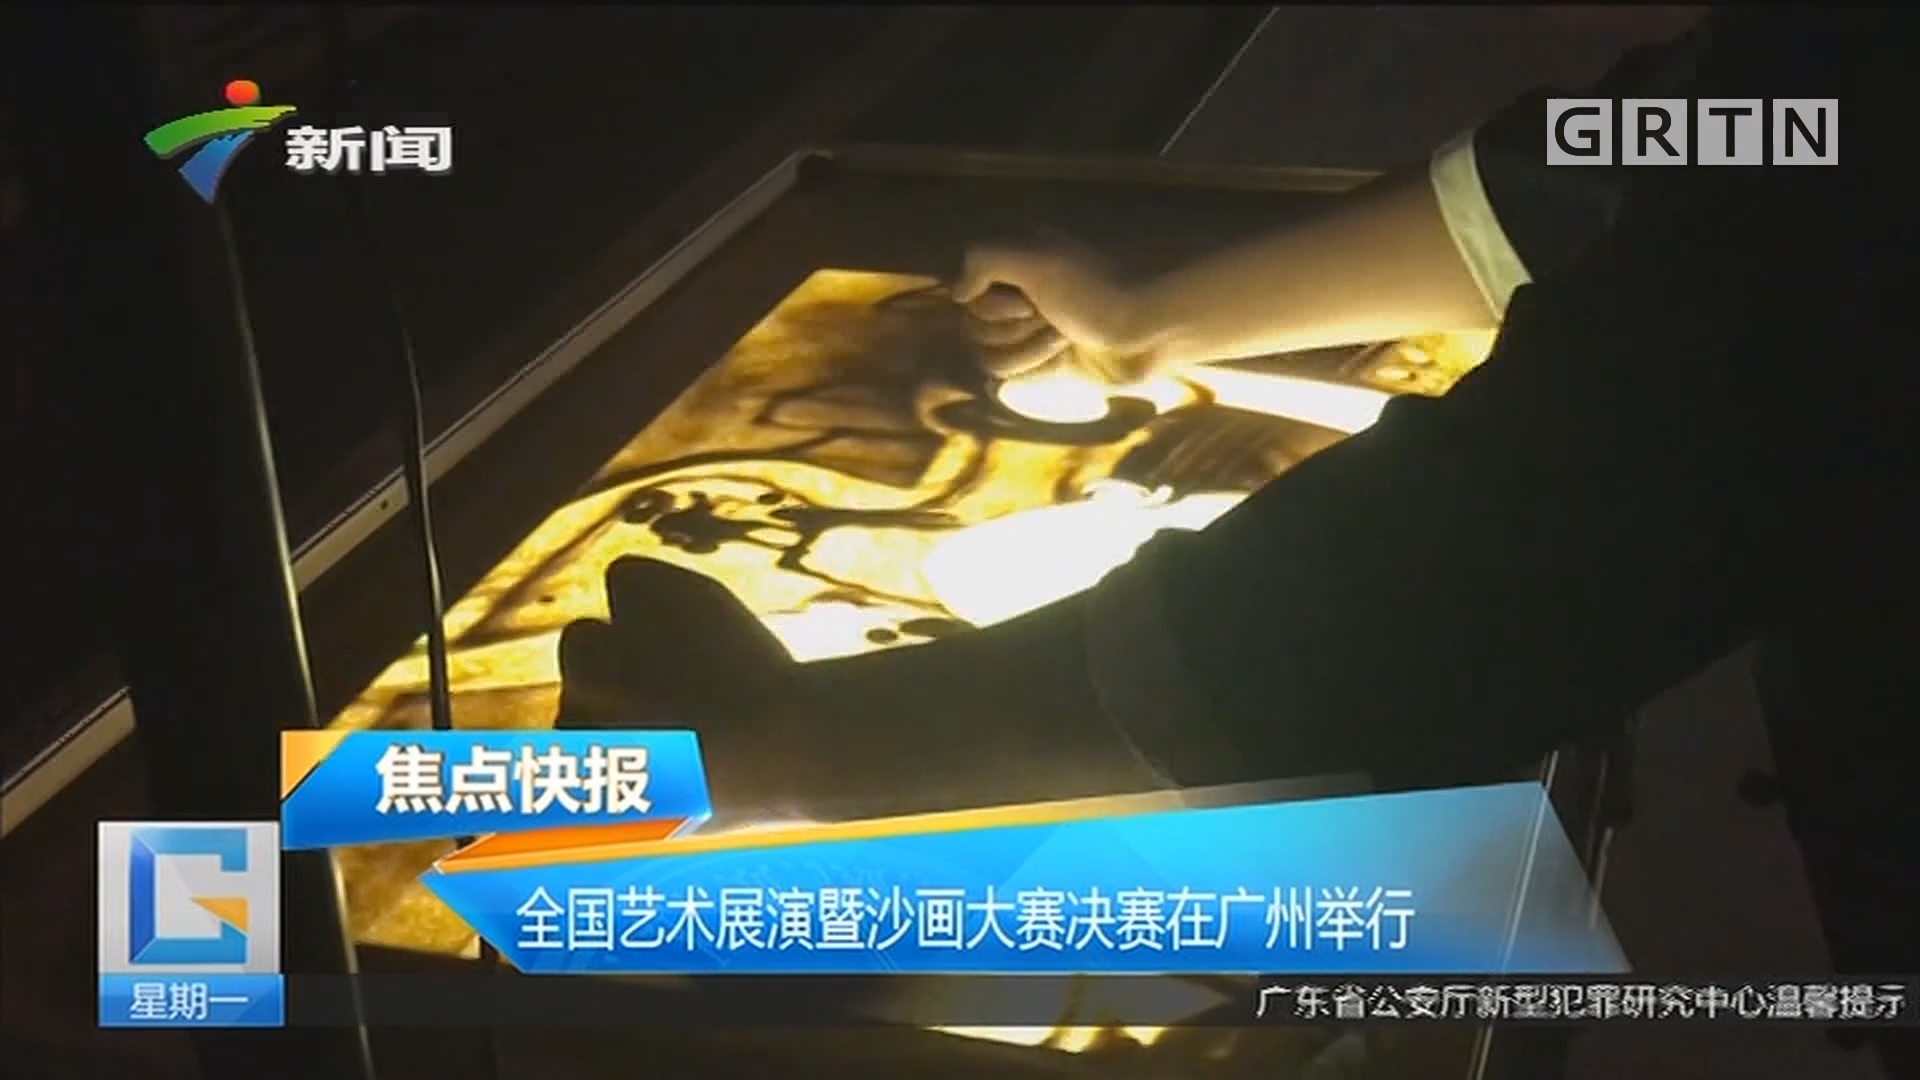 全国艺术展演暨沙画大赛决赛在广州举行